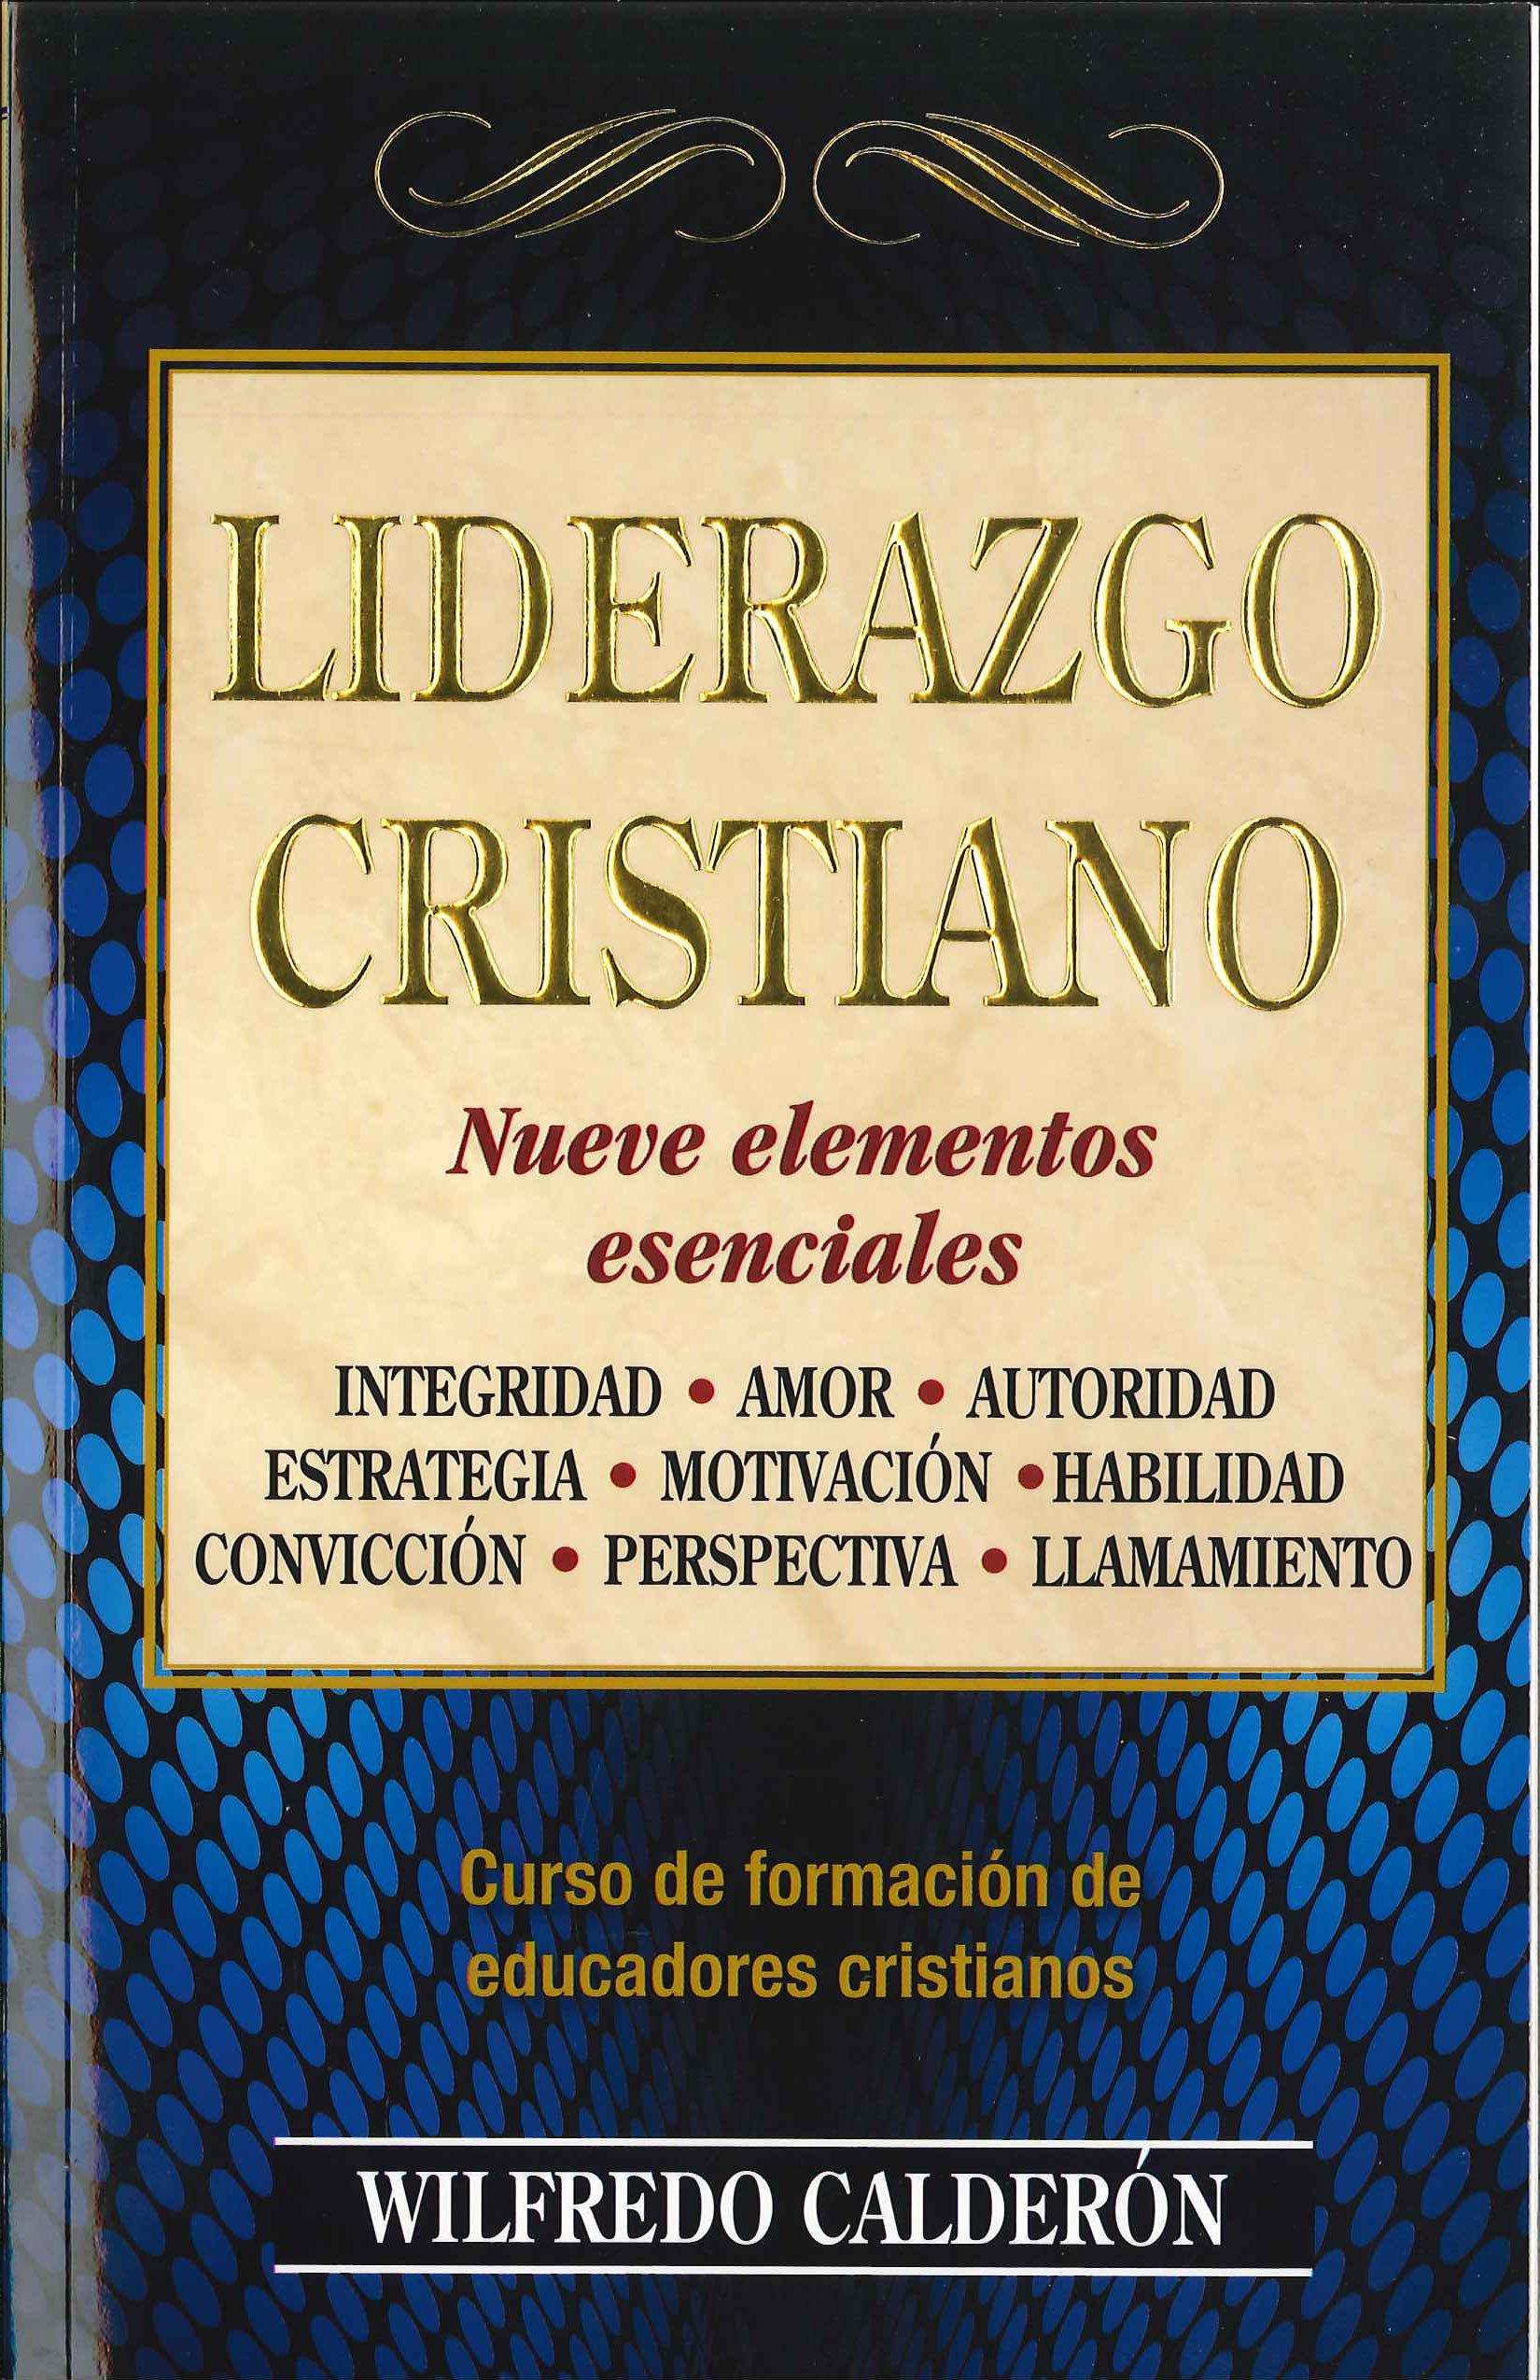 Liderazgo Cristiano: Nueve Elementos Esenciales: Amazon.es: Wilfredo Calderon: Libros